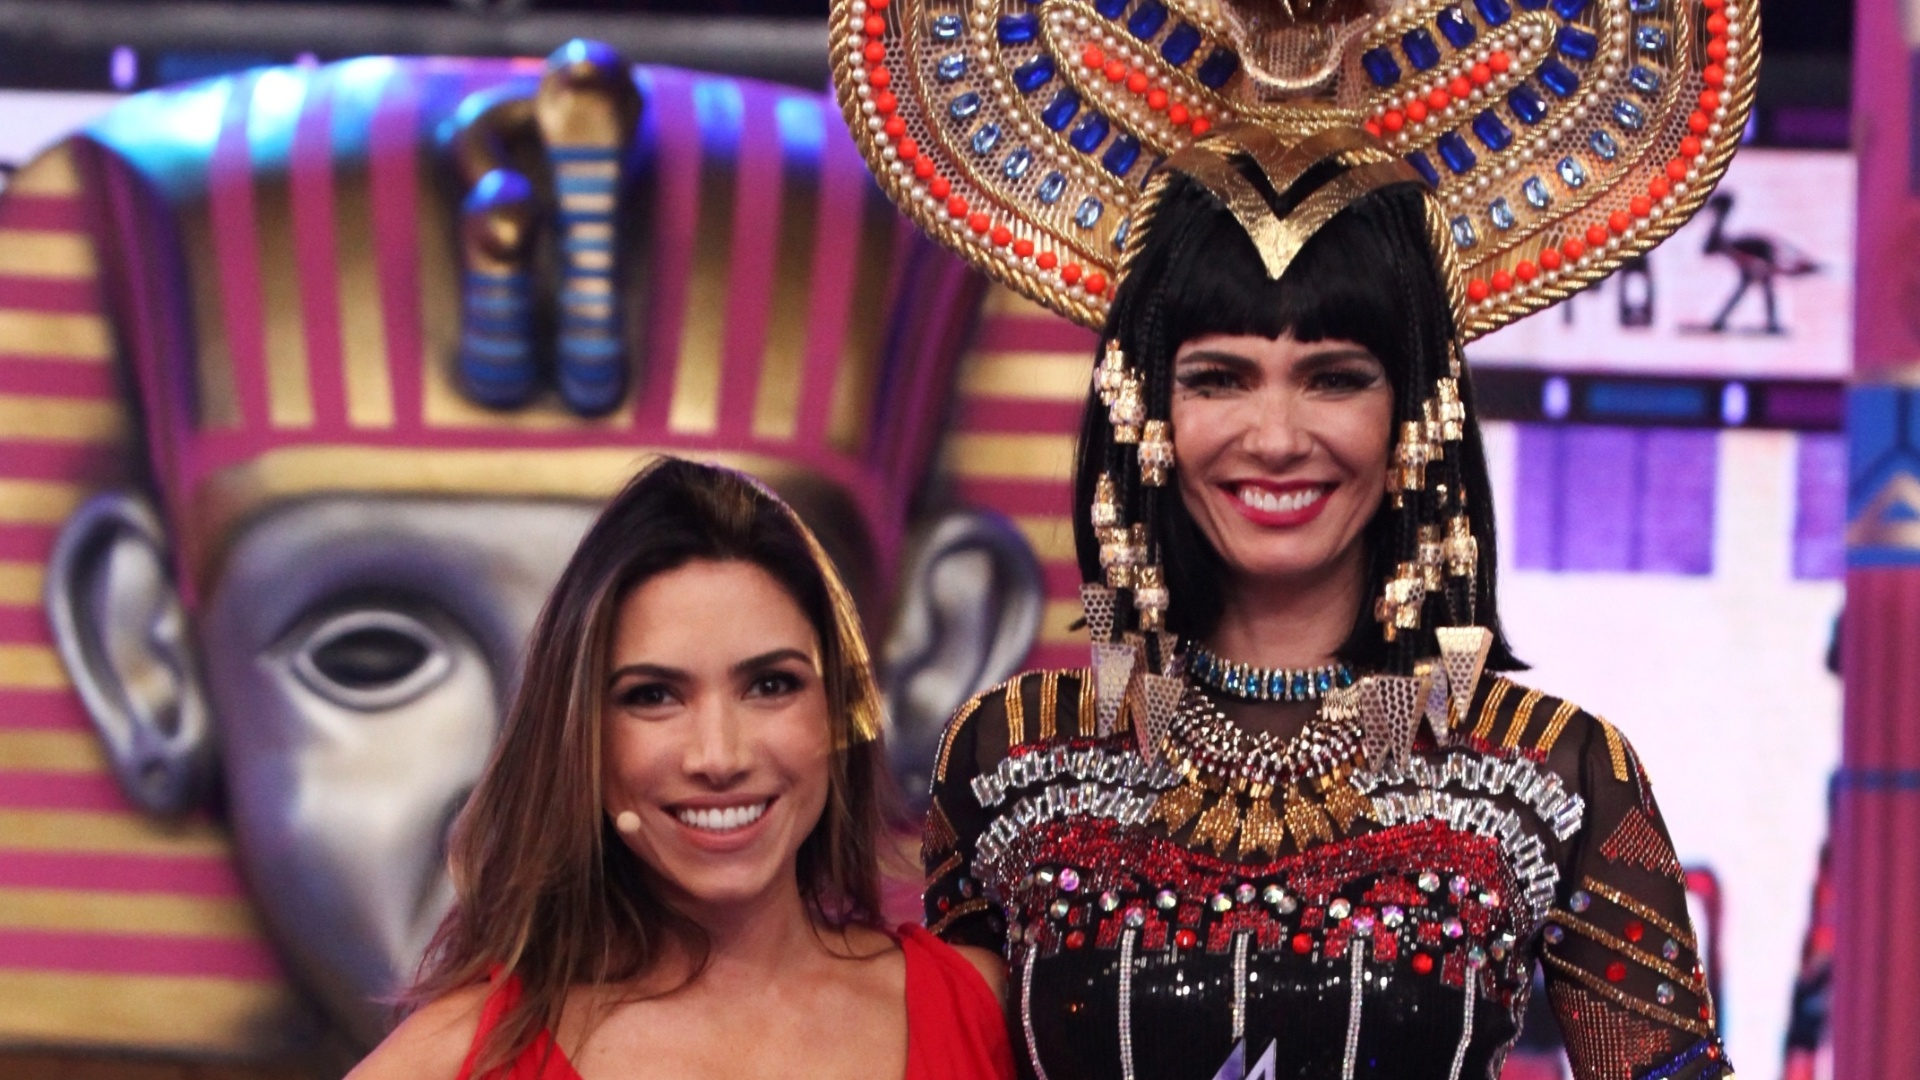 Patricia Abravanel transforma Luciana Gimenez em Cleópatra no musical de Katy Perry no Máquina da Fama